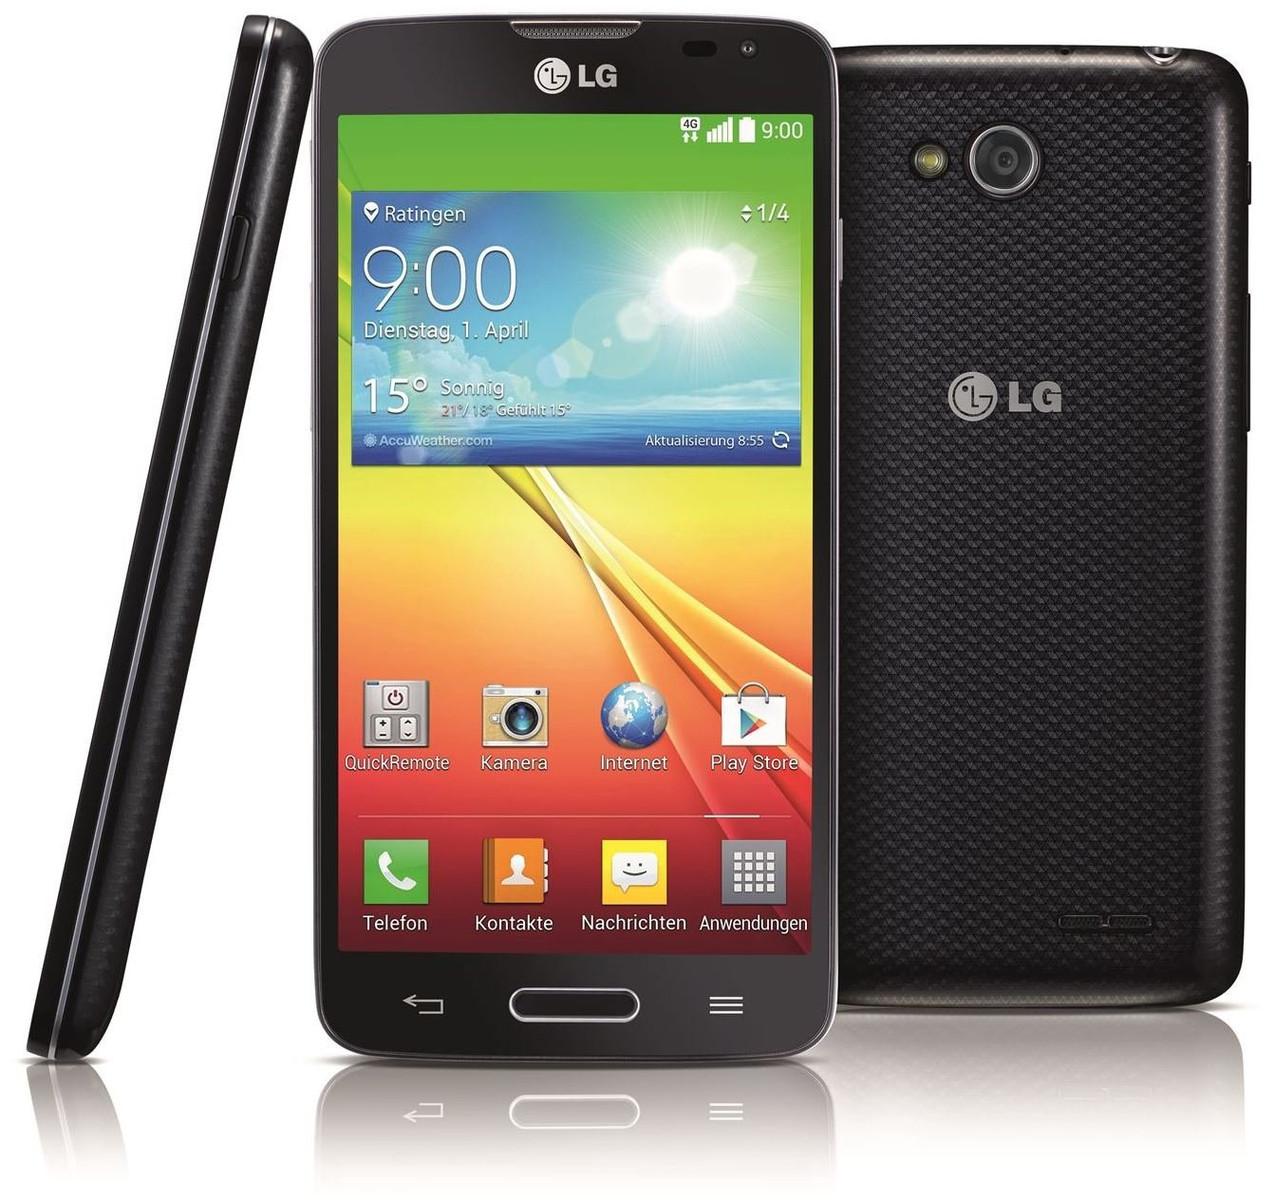 LG L90 Dual được trang bị những tính năng độc đáo vốn chỉ được trang bị trên các smartphone cao cấp